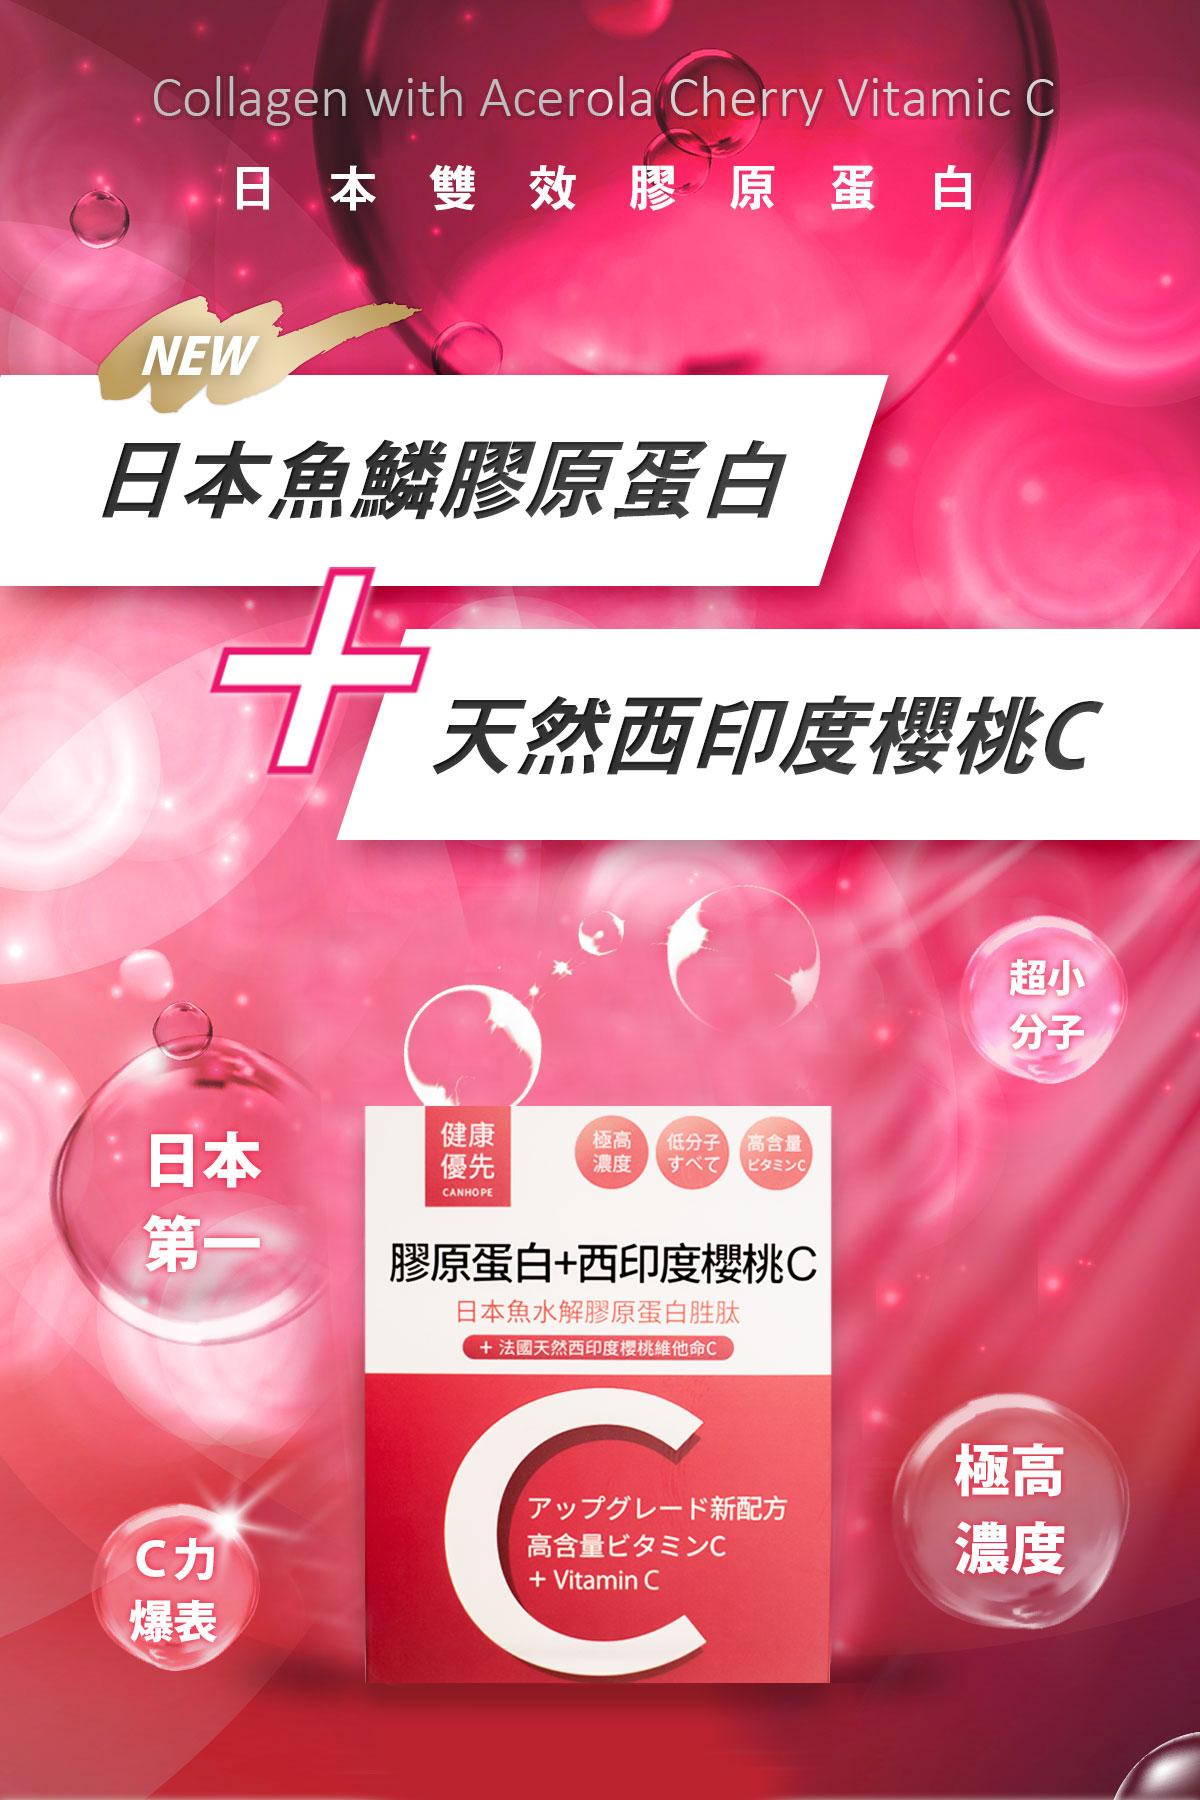 日本膠原蛋白+西印度櫻桃C盒裝-日本雙效膠原蛋白美容效果更好-0800-800-924